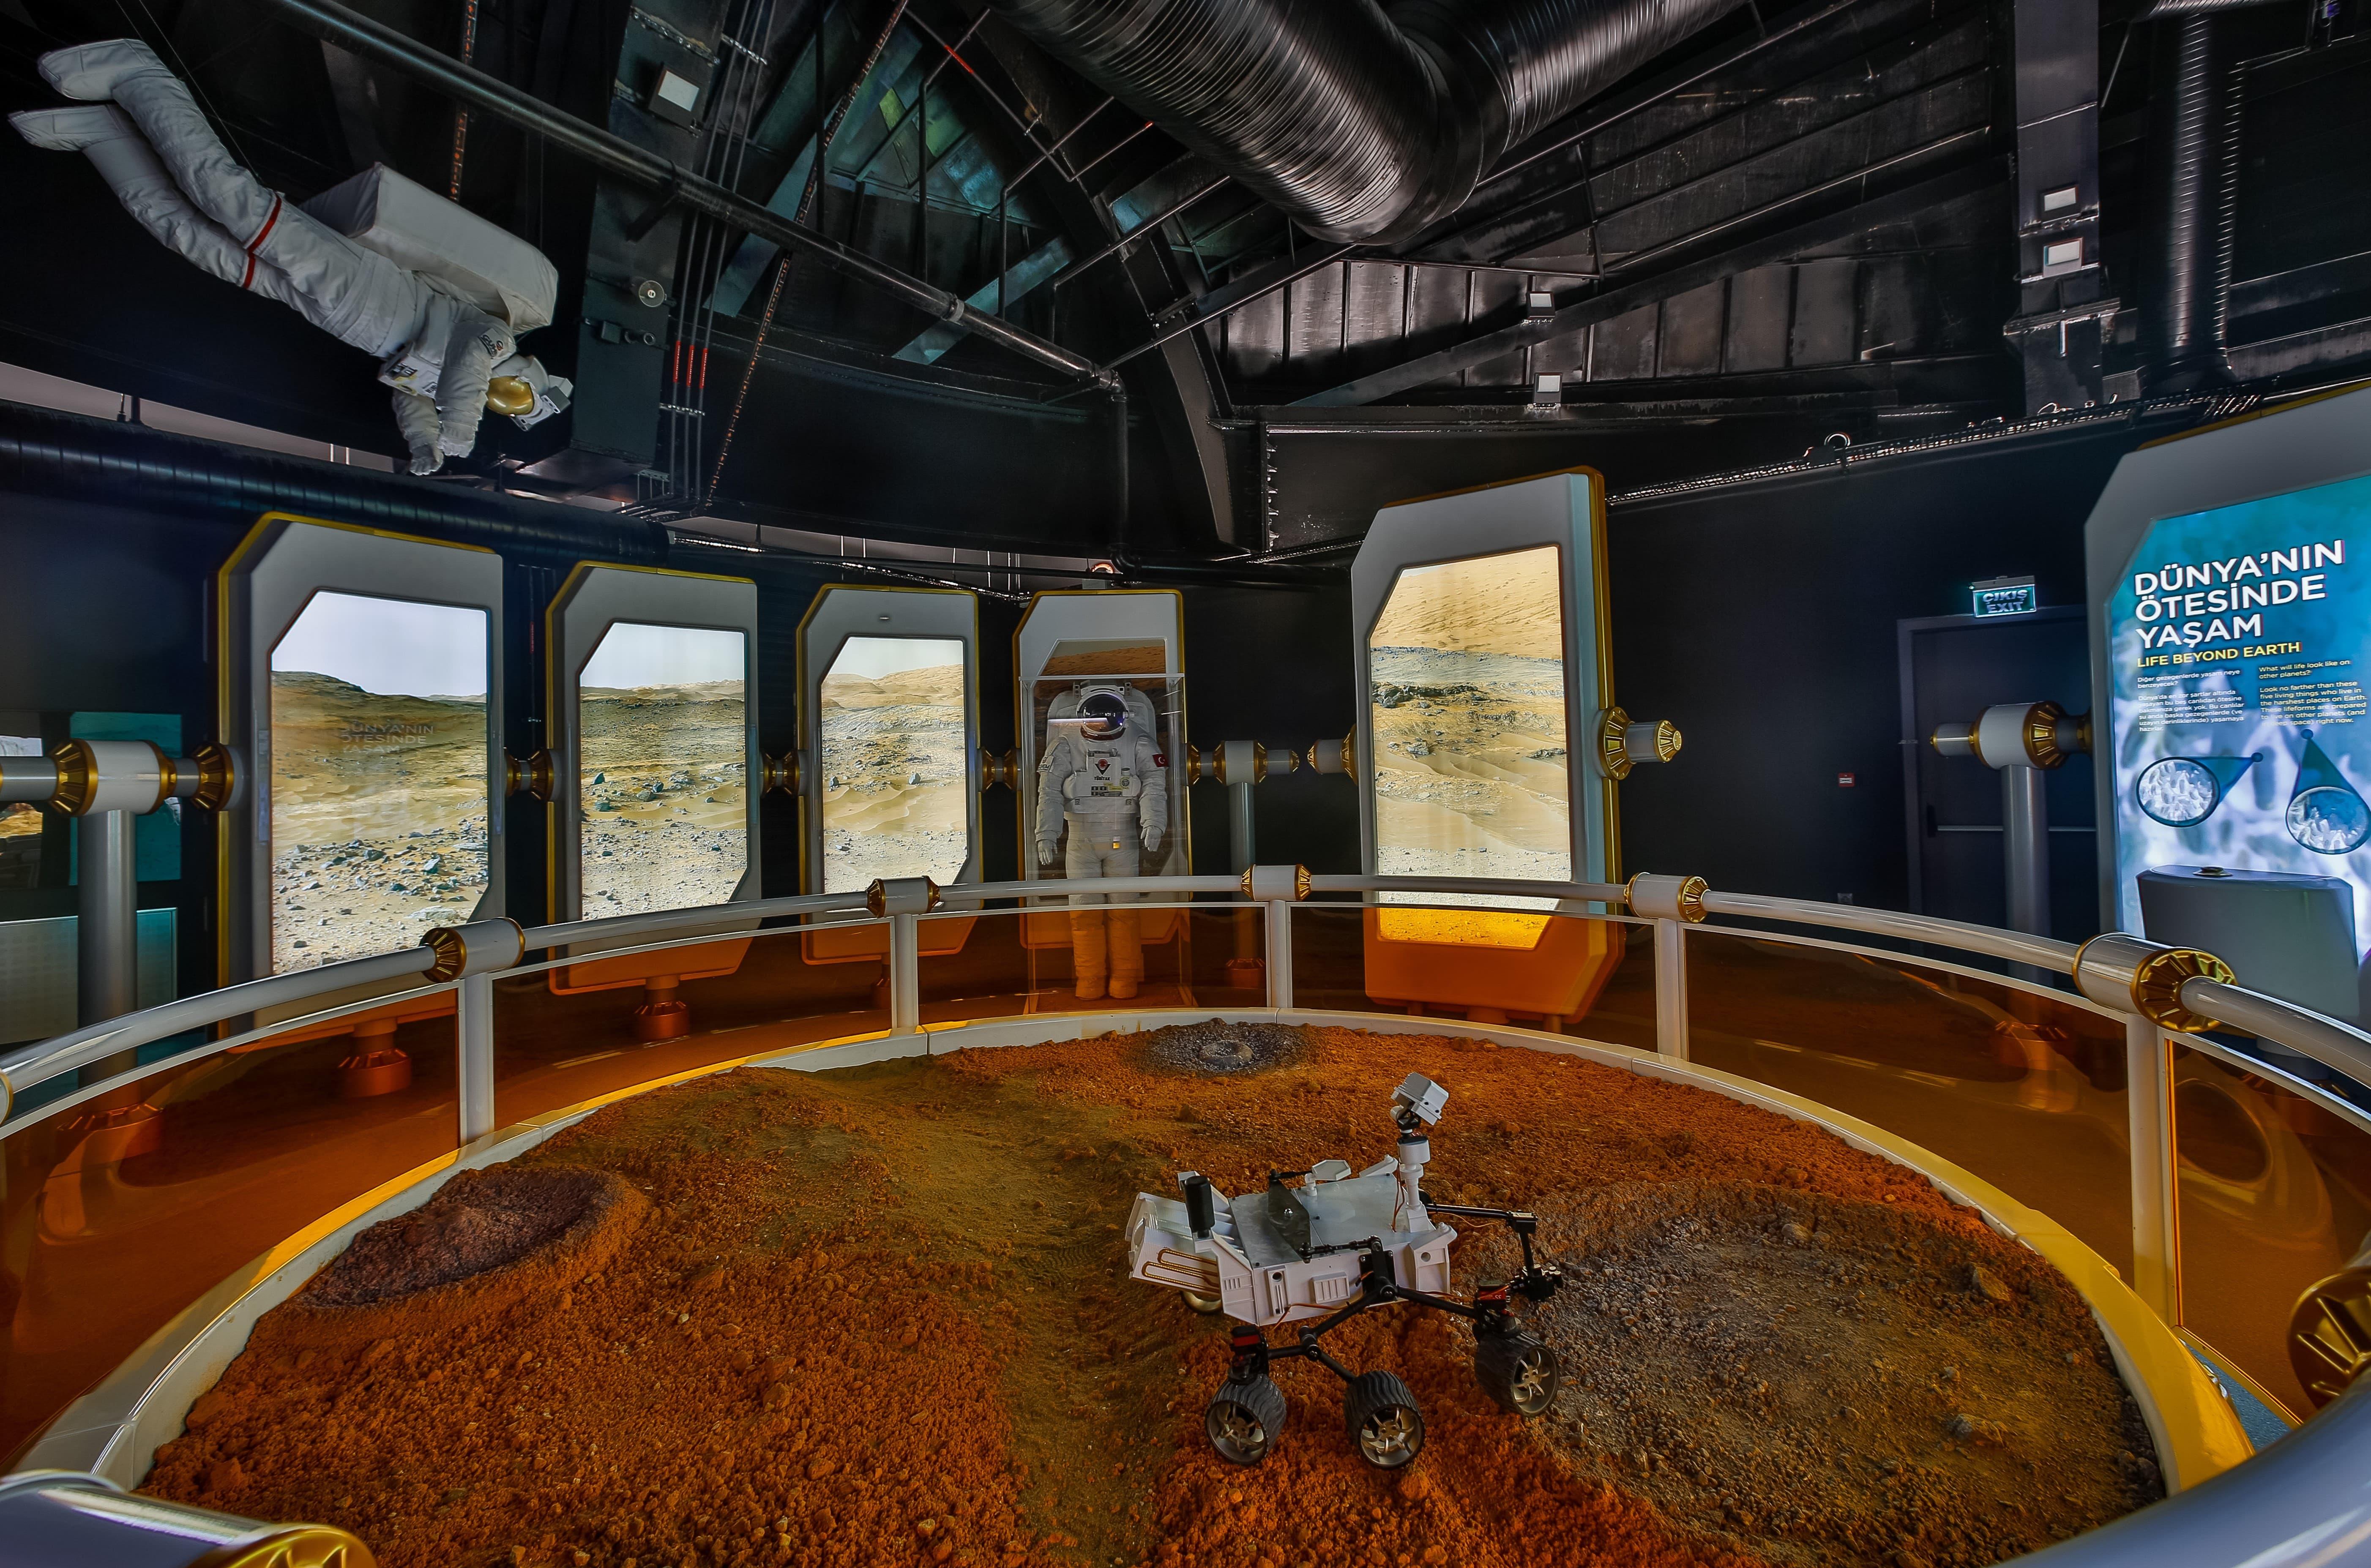 <p>Bursa Ticaret ve Sanayi Odası (BTSO) liderliğinde uzay ve havacılık konusunda heyecan ve farkındalık oluşturmak amacıyla kurulan Gökmen Uzay ve Havacılık Eğitim Merkezi (GUHEM), ziyaretçilerini uzayın derinliklerine götürüyor.</p> <p></p> <p>BTSO öncülüğünde Büyükşehir Belediyesi ve TÜBİTAK işbirliğiyle 13 bin 500 metrekare alanda kurulan, 154 interaktif düzenek ve çeşitli simülatörlerin bulunduğu merkezde ziyaretçilere aya dokunma, ayda yürüme ve uzaya fırlatılma hissi yaşatılmaya çalışılıyor. Zeplin şeklindeki binanın ilk katında havacılıkla ilgili düzenekler, uçak simülatörleri, gerçek boyutlu A-320 uçak modeli, uzay aracı izlenimi verilmiş bir asansörle çıkılan ikinci katta ise gök bilimine dair düzenekler, atmosfer olayları, güneş sistemi, diğer gezegenlerde hayat olasılığı, uluslararası uzay istasyonunda yaşam ve uzaya ilişkin bilgiler sunuluyor.</p> <p></p> <p><strong>UÇUŞ RÜYASI VE UZAYIN KEŞFİ</strong></p> <p></p> <p>Uçuş Rüyası ve Uzayın Keşfi, Model Uçak Uçurun, Pervaneler Nasıl Çalışır, Piston Motoru ve Jet Motoru, Bir Uzay Gezgini Programla, Mars'taki Robotlar, Roket Modelleri, Merkür Programı Fırlatma Deneyimi, Vostok1 Kumanda Modülü gibi daha pek çok deney düzeneğinin yer aldığı merkez, ziyaretçilerine ilginç deneyimler yaşatacak. Yapımı tamamlanan ve resmi açılış töreni, Sanayi ve Teknoloji Bakanı Mustafa Varank'ın katılımıyla 30 Ekim'de gerçekleştirilen merkez, tanıtım amacıyla düzenlenen organizasyonda salgın tedbirleri eşliğinde az sayıda çocuğu konuk etti. Merkez, COVID-19 tedbirleri altında yakın zamanda ziyaretçilerini küçük gruplar halinde düzenli olarak ağırlayacak.</p> <p></p> <p>Mimarisiyle dikkati çeken, uluslararası jüri kurulu tarafından bugünün ve geleceğin en iyi yapılarının seçildiği 2019 Avrupa Gayrimenkul Ödülleri'nde (European Property Awards 2019) Kamusal Yapılar kategorisinde ödül alan merkez, Avrupa'nın en iyi, dünyanın ise en iyi 5 merkezinden biri olarak hayata geçirildi.</p> <p></p> <p><strong>MİLLİ TEKNOLOJİ GÜÇLÜ SANAYİ<